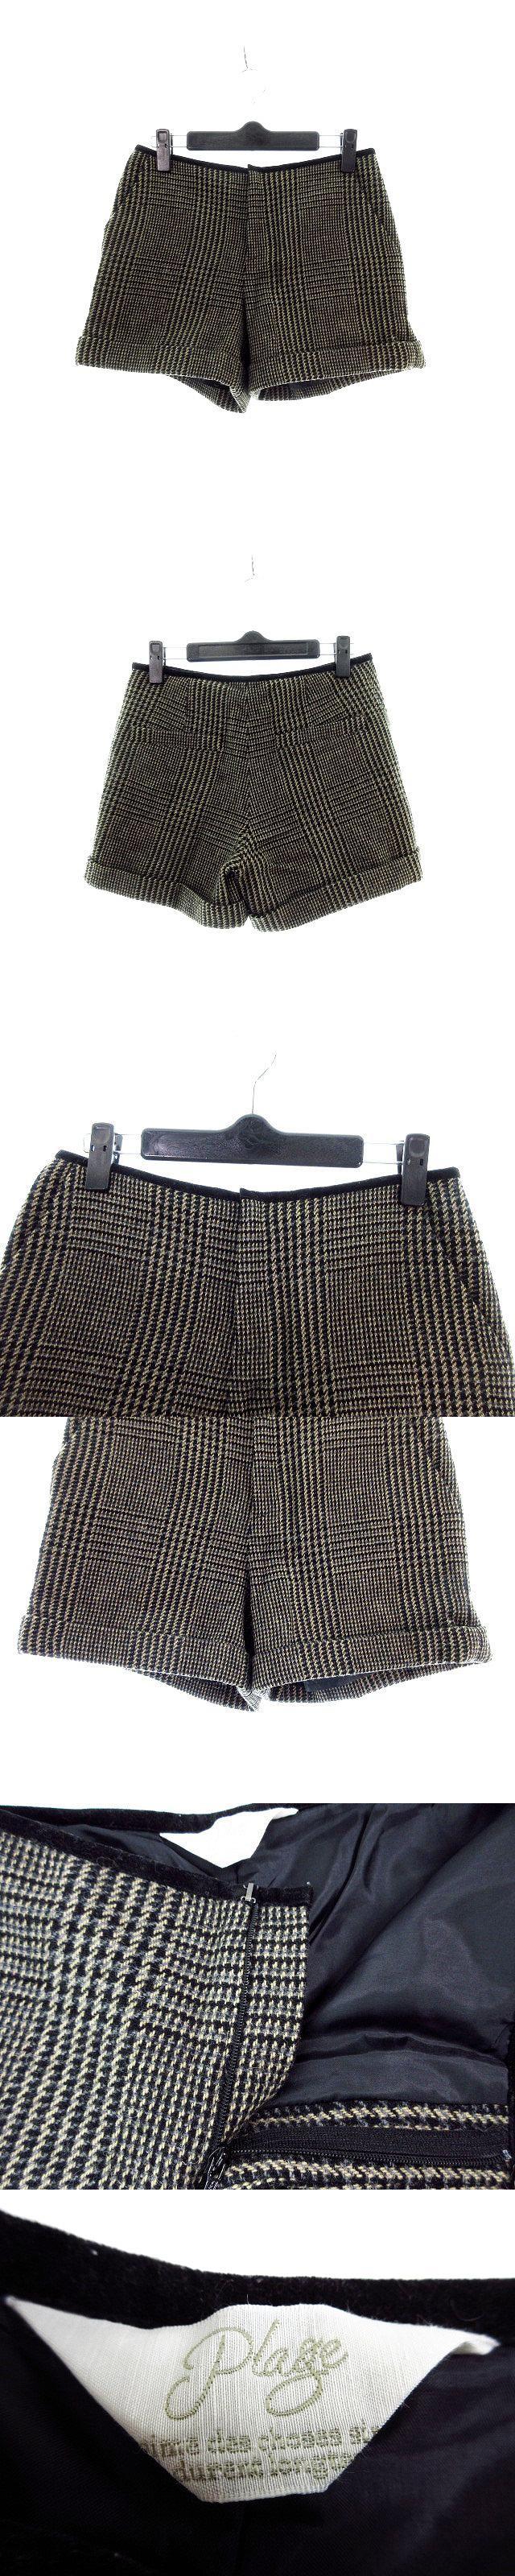 パンツ ショート ショーパン 総柄 34 茶 ブラウン /M2